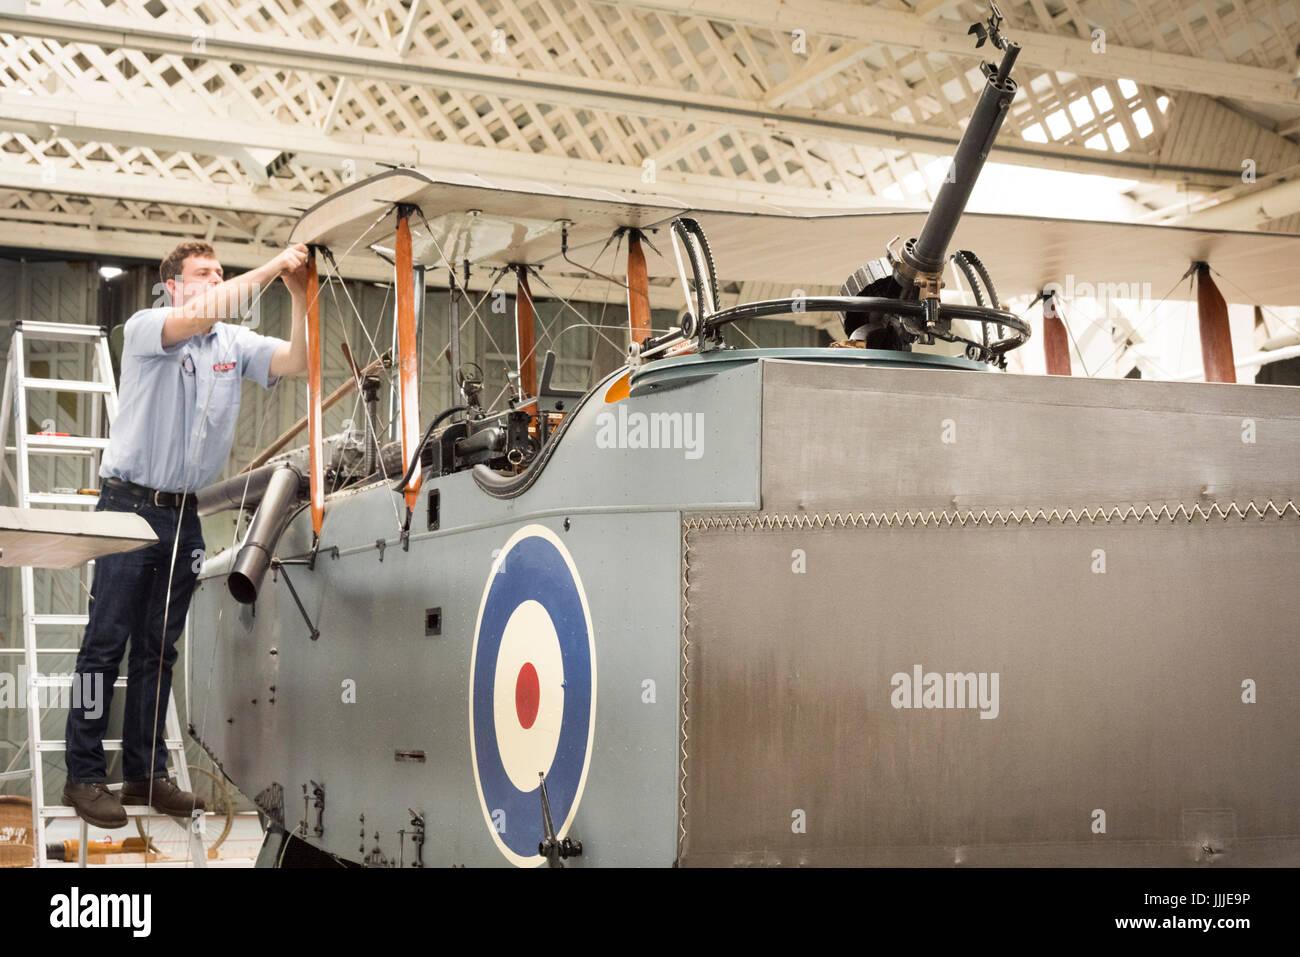 Duxford Cambridgeshire, Regno Unito. Il 20 luglio, 2017. George Taylor un ingegnere lavora su una rara Prima Guerra Mondiale De Havilland DH9 aerei bombardieri che è stato completamente restaurato ed è ora in fase di assemblaggio per la visualizzazione e il volo presso il Museo Imperiale della Guerra. Il piano è di 100 anni, essendo assemblati in un WW1 appendiabiti sul centesimo anniversario del Museo Imperiale della Guerra. Il piano è il solo nel Regno Unito ed è stato restaurato dopo essere stato trovato in un elefante stabile presso il palazzo di Bikaner, Rajasthan, India. Credito: Julian Eales/Alamy Live News Foto Stock